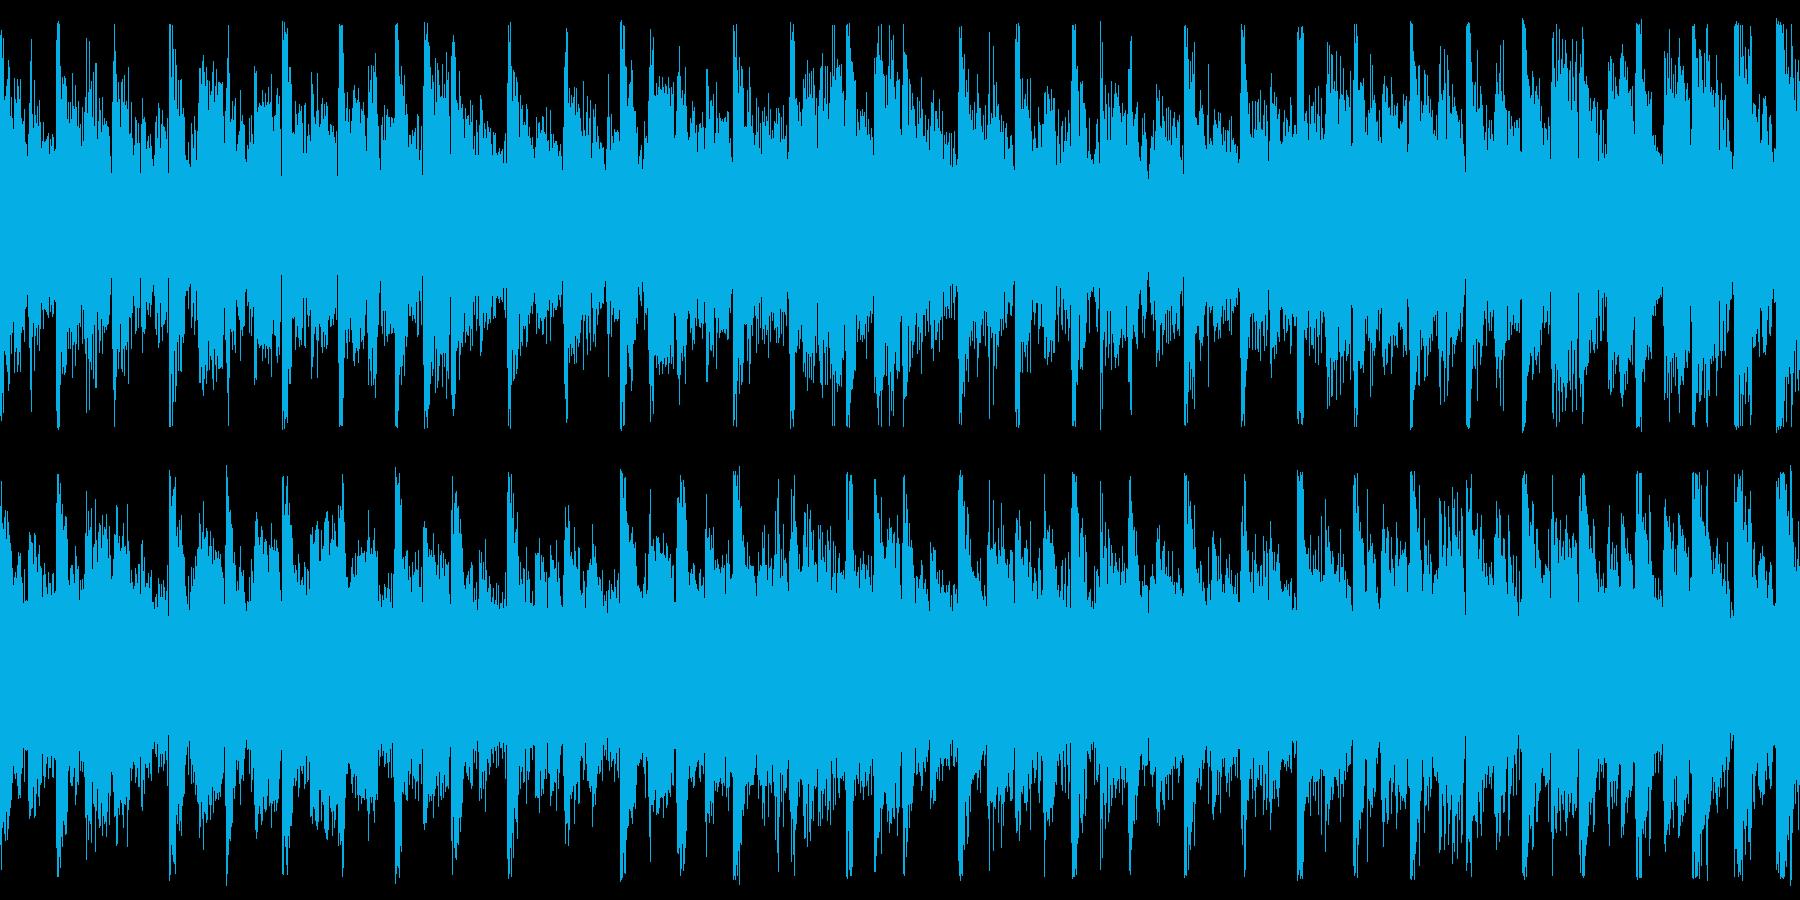 TikTok Dance 可愛い ループの再生済みの波形